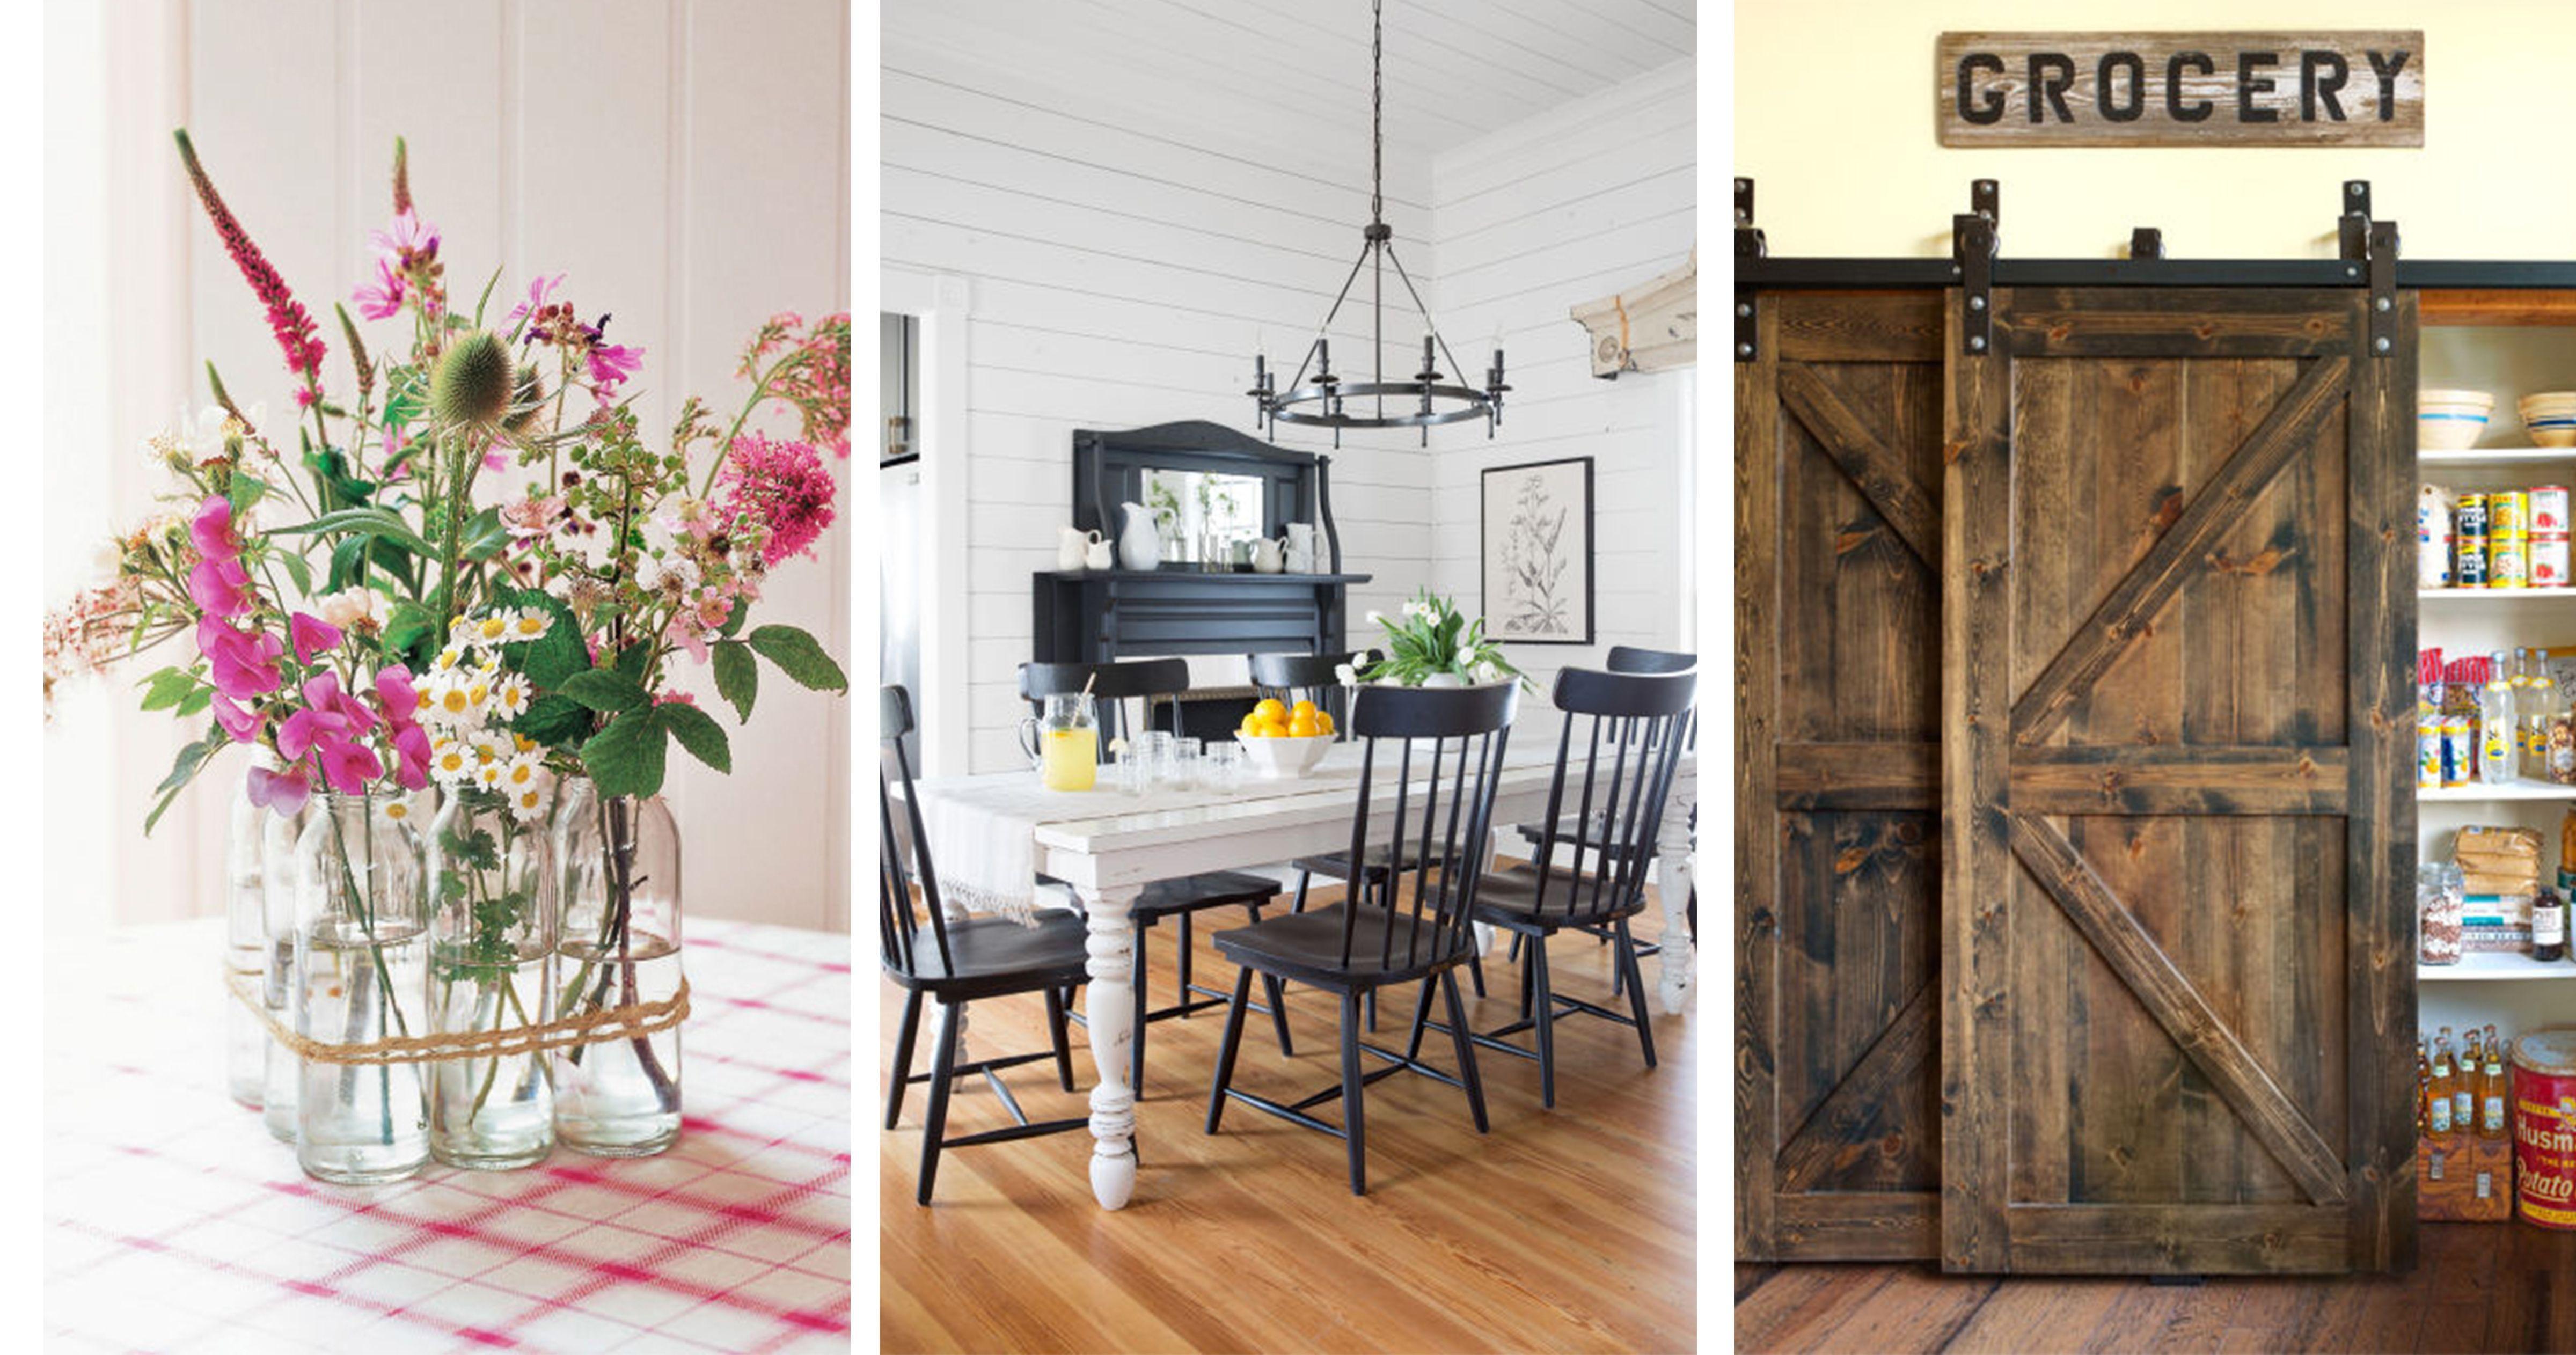 25 Ways to Add Farmhouse Style to